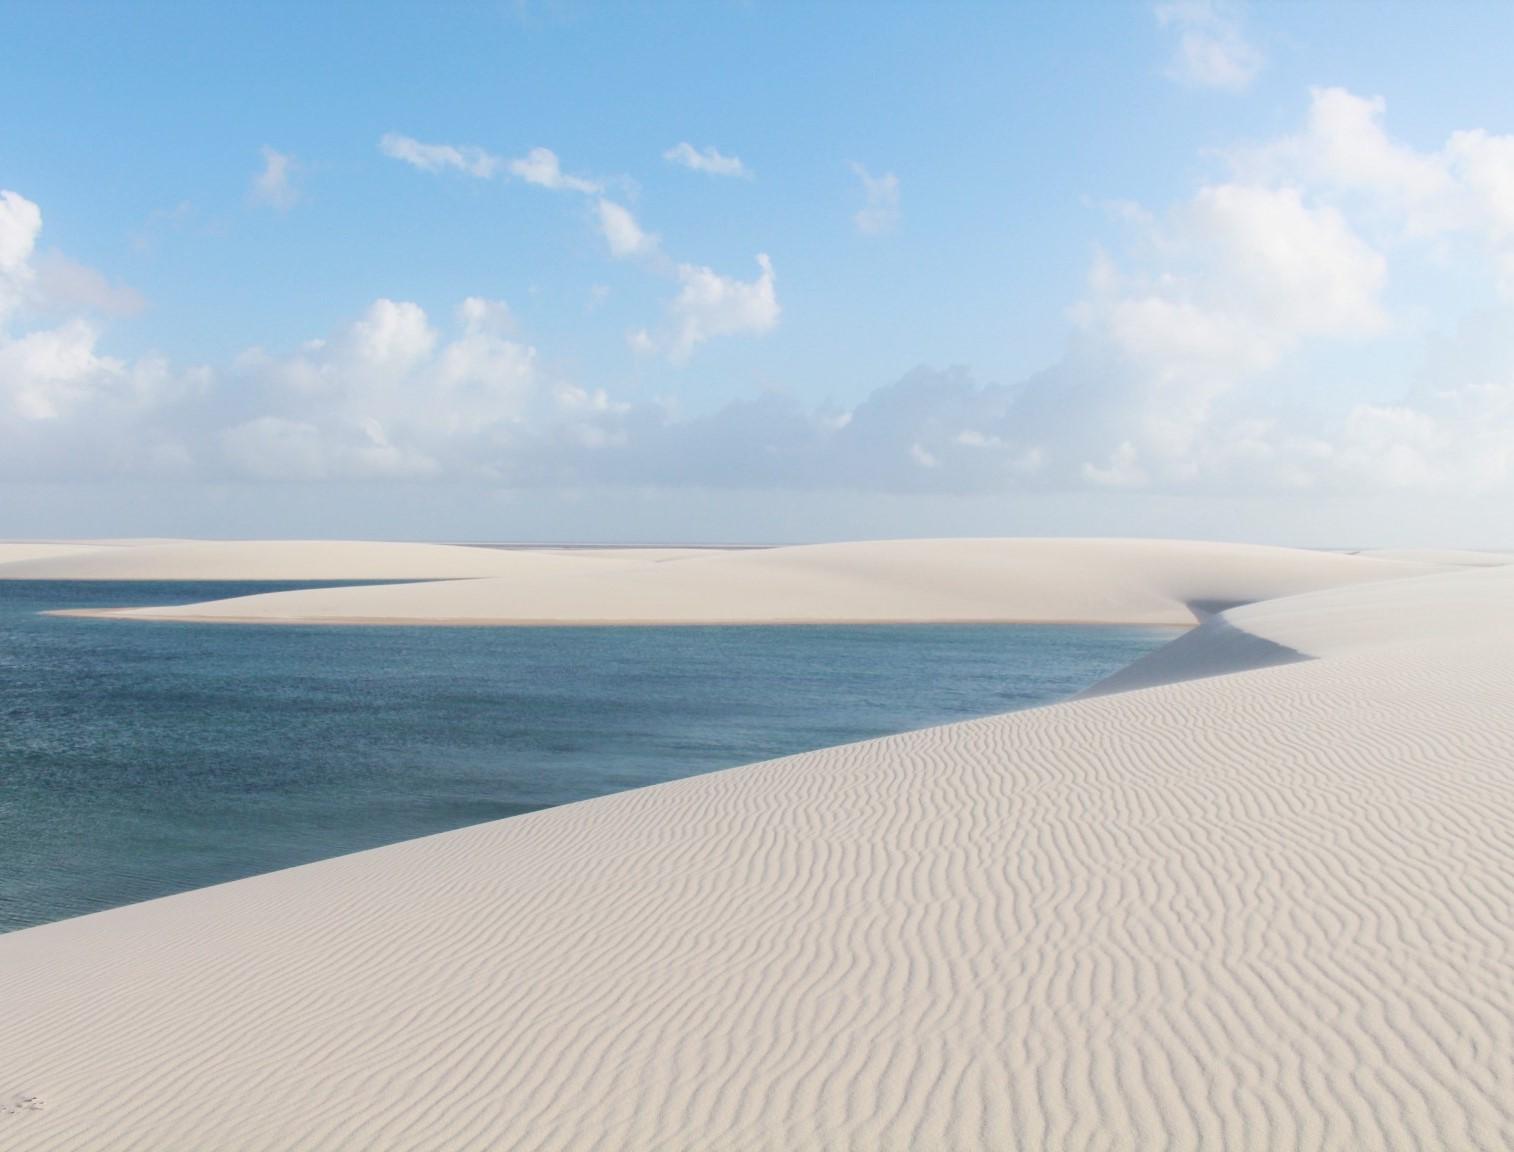 7月9日出発 「ブラジルの絶景 レンソイス白砂漠トレッキングとイグアスの滝 12日間」